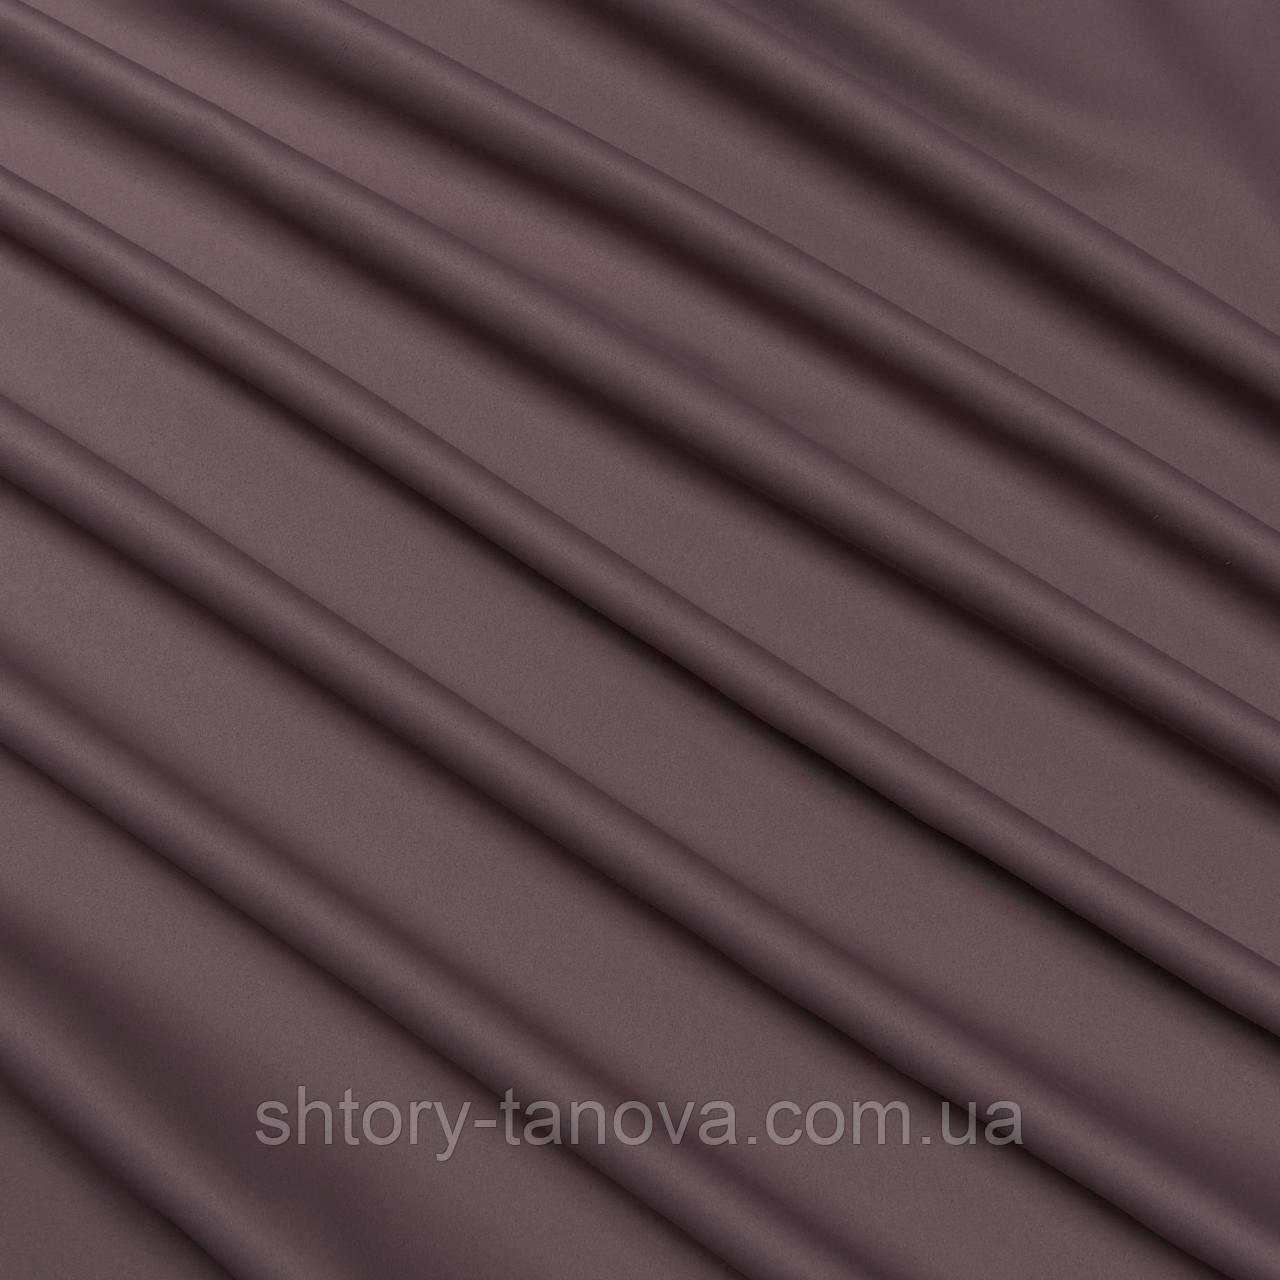 Декор блекаут коричневый